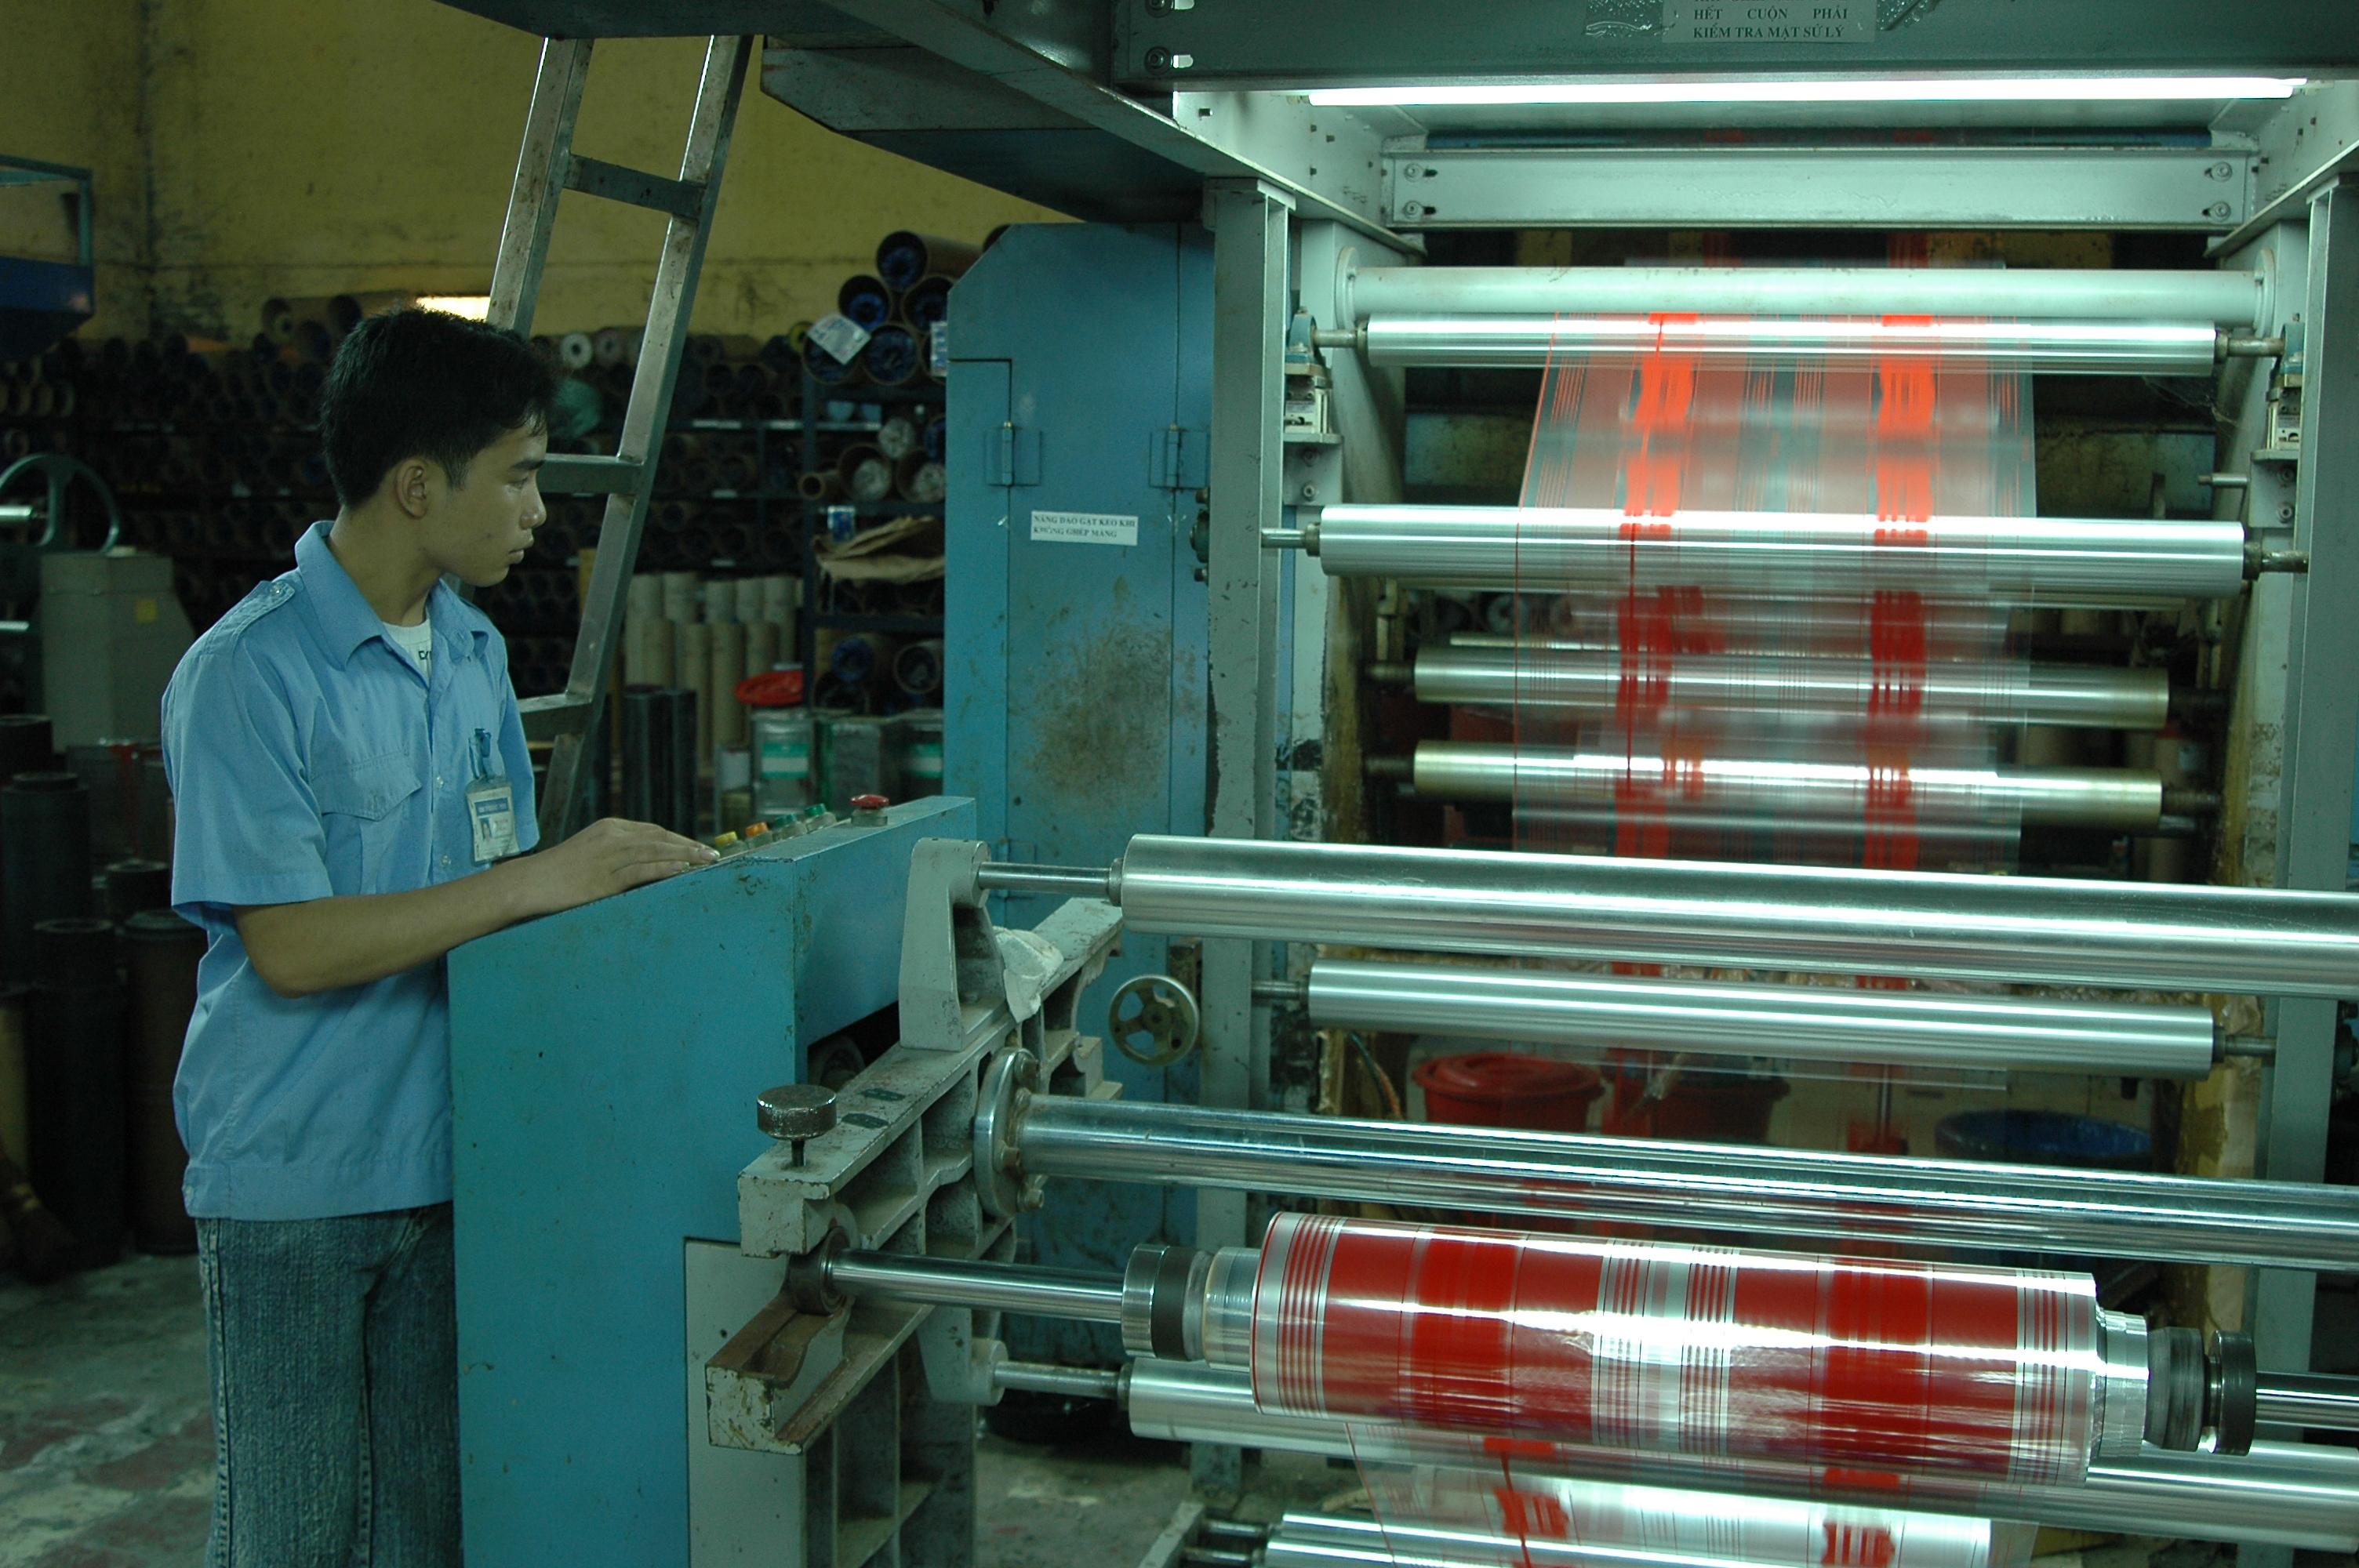 Vĩnh Phúc: Hoạt động sản xuất kinh doanh của các doanh nghiệp ổn định